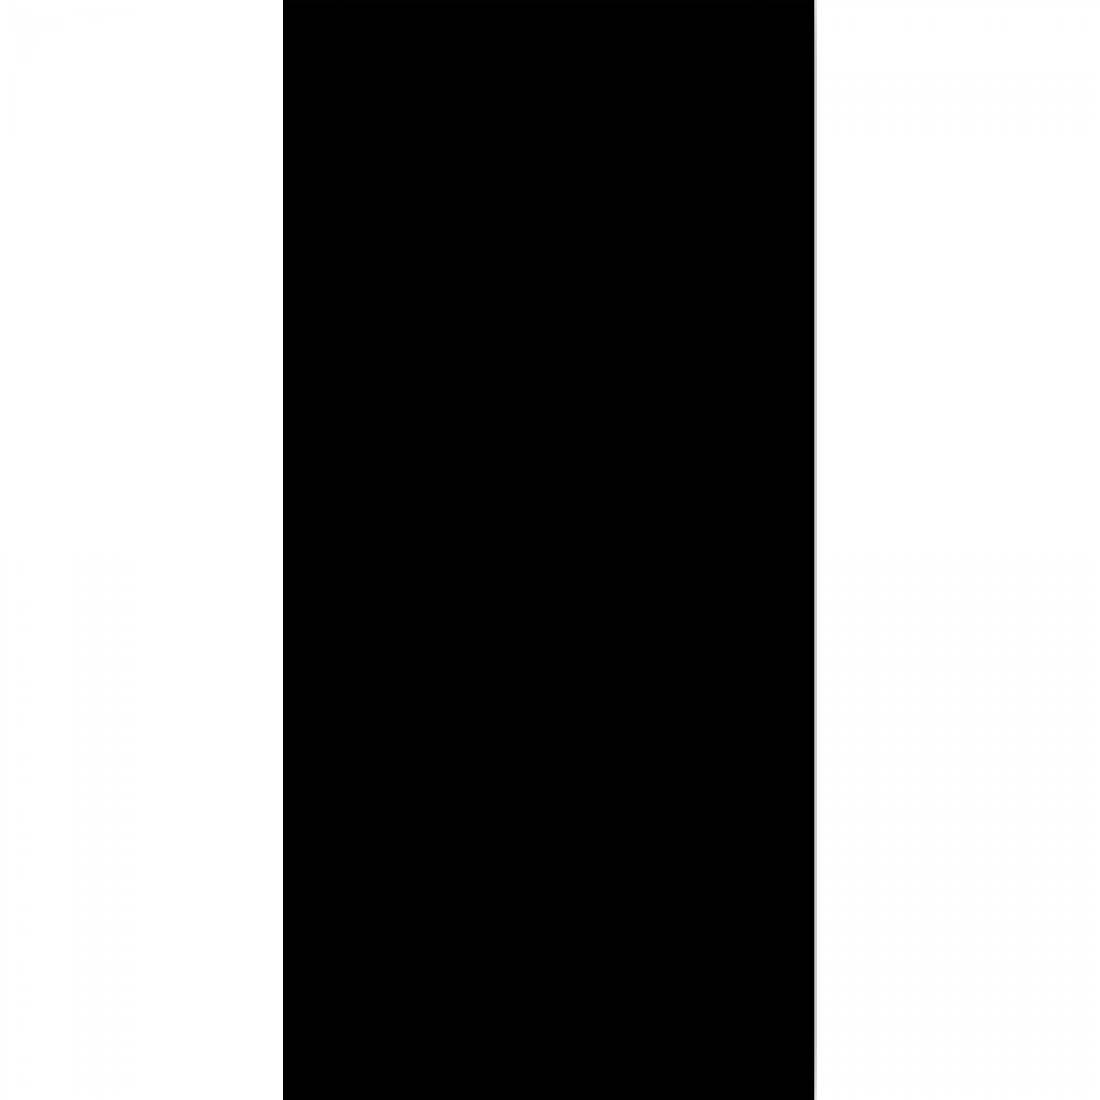 Super Black 30x60 Black Polished 1